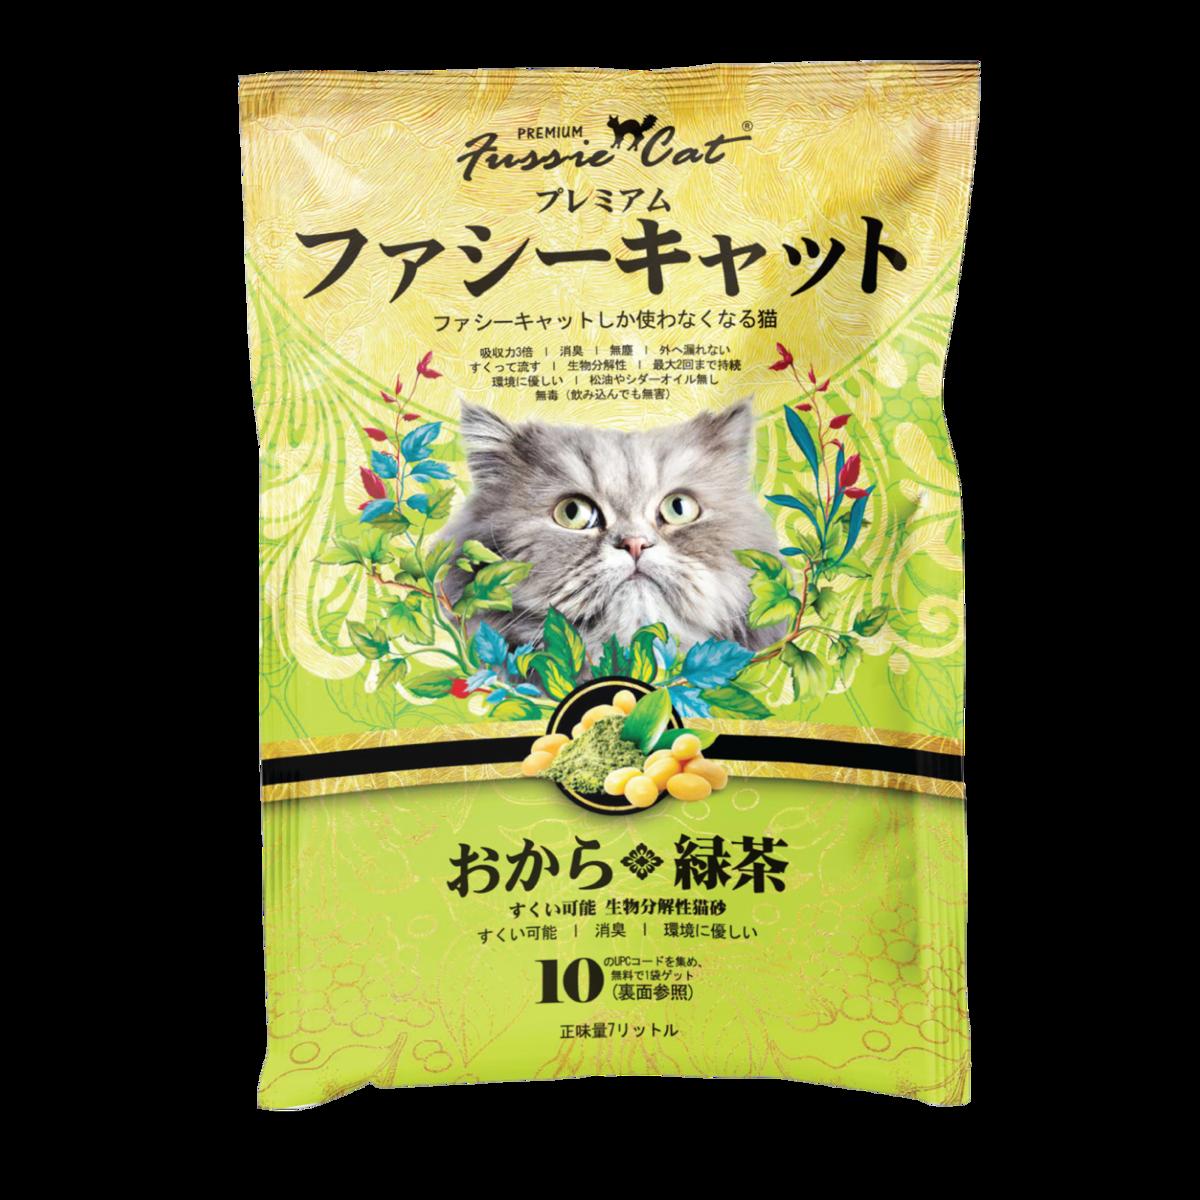 綠茶味豆腐貓砂 7L裝X 6包